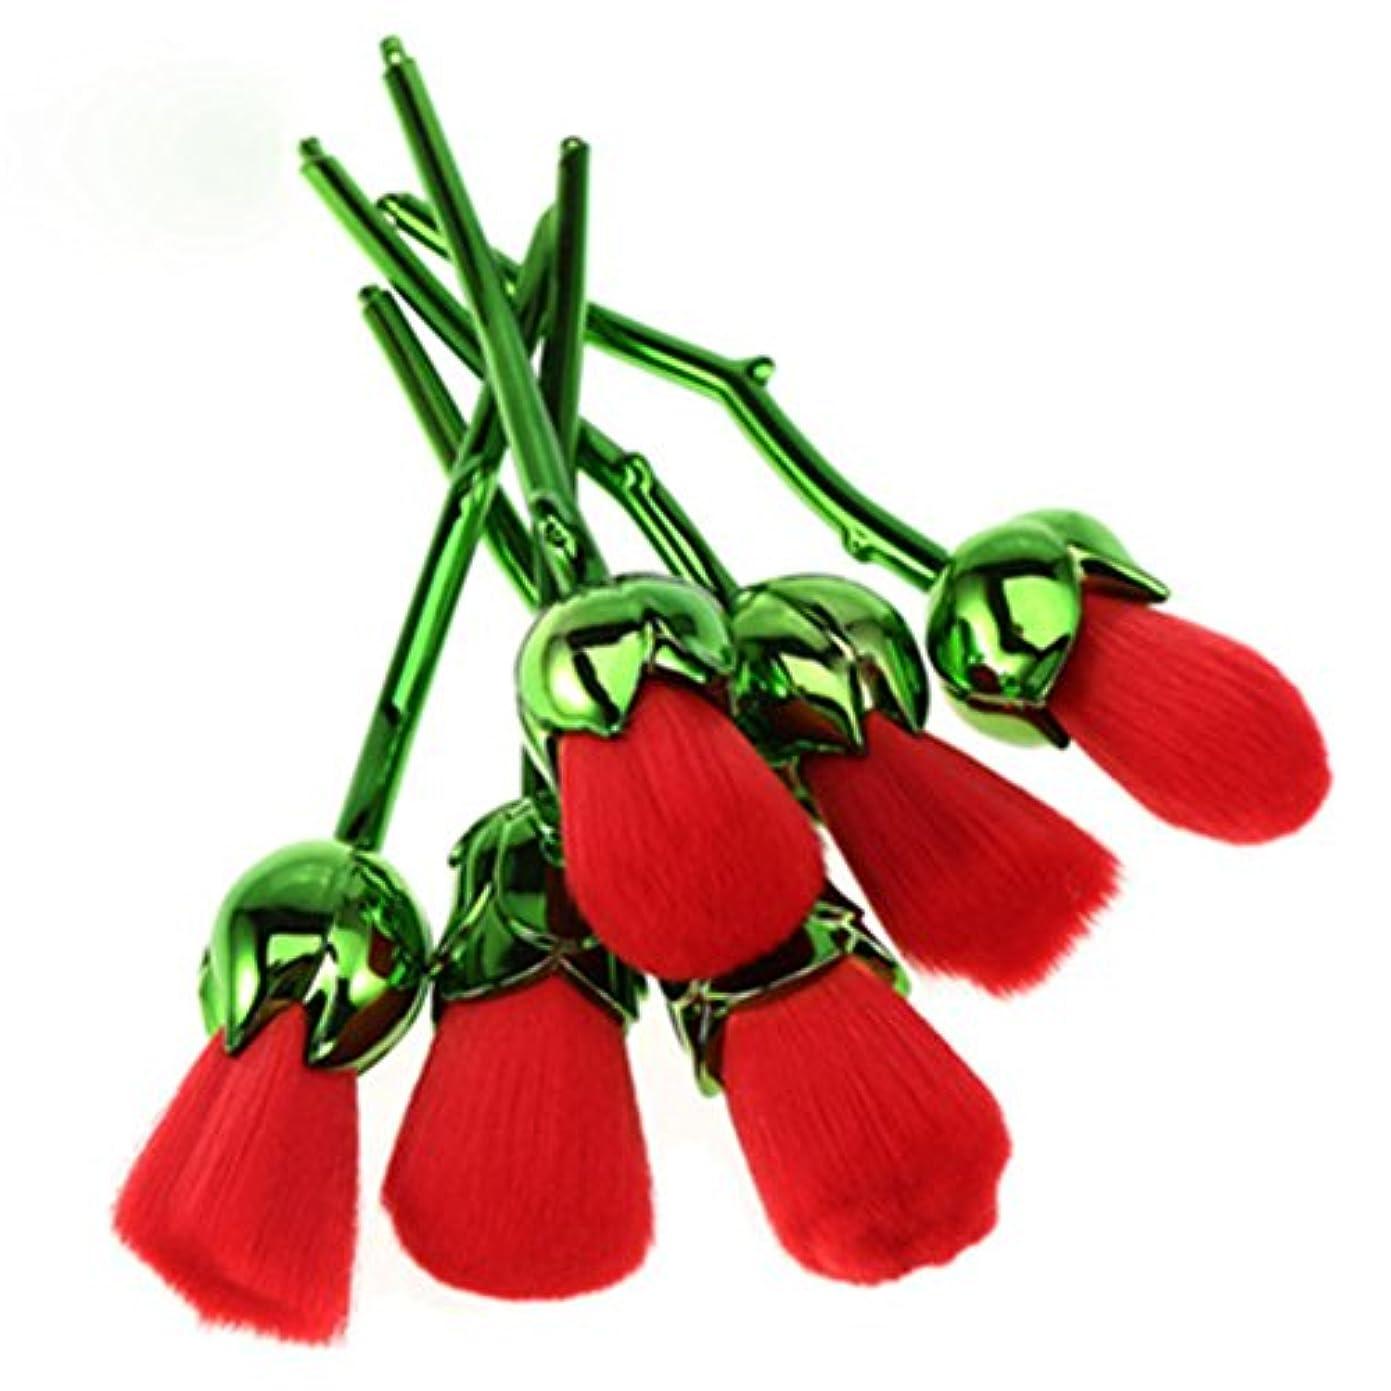 病気だと思う落とし穴傘ディラビューティー(Dilla Beauty) メイクブラシ 薔薇 メイクブラシセット 人気 ファンデーションブラシ 化粧筆 可愛い 化粧ブラシ セット パウダーブラシ フェイスブラシ ローズ メイクブラシ 6本セット ケース付き (グリーン - レッド)